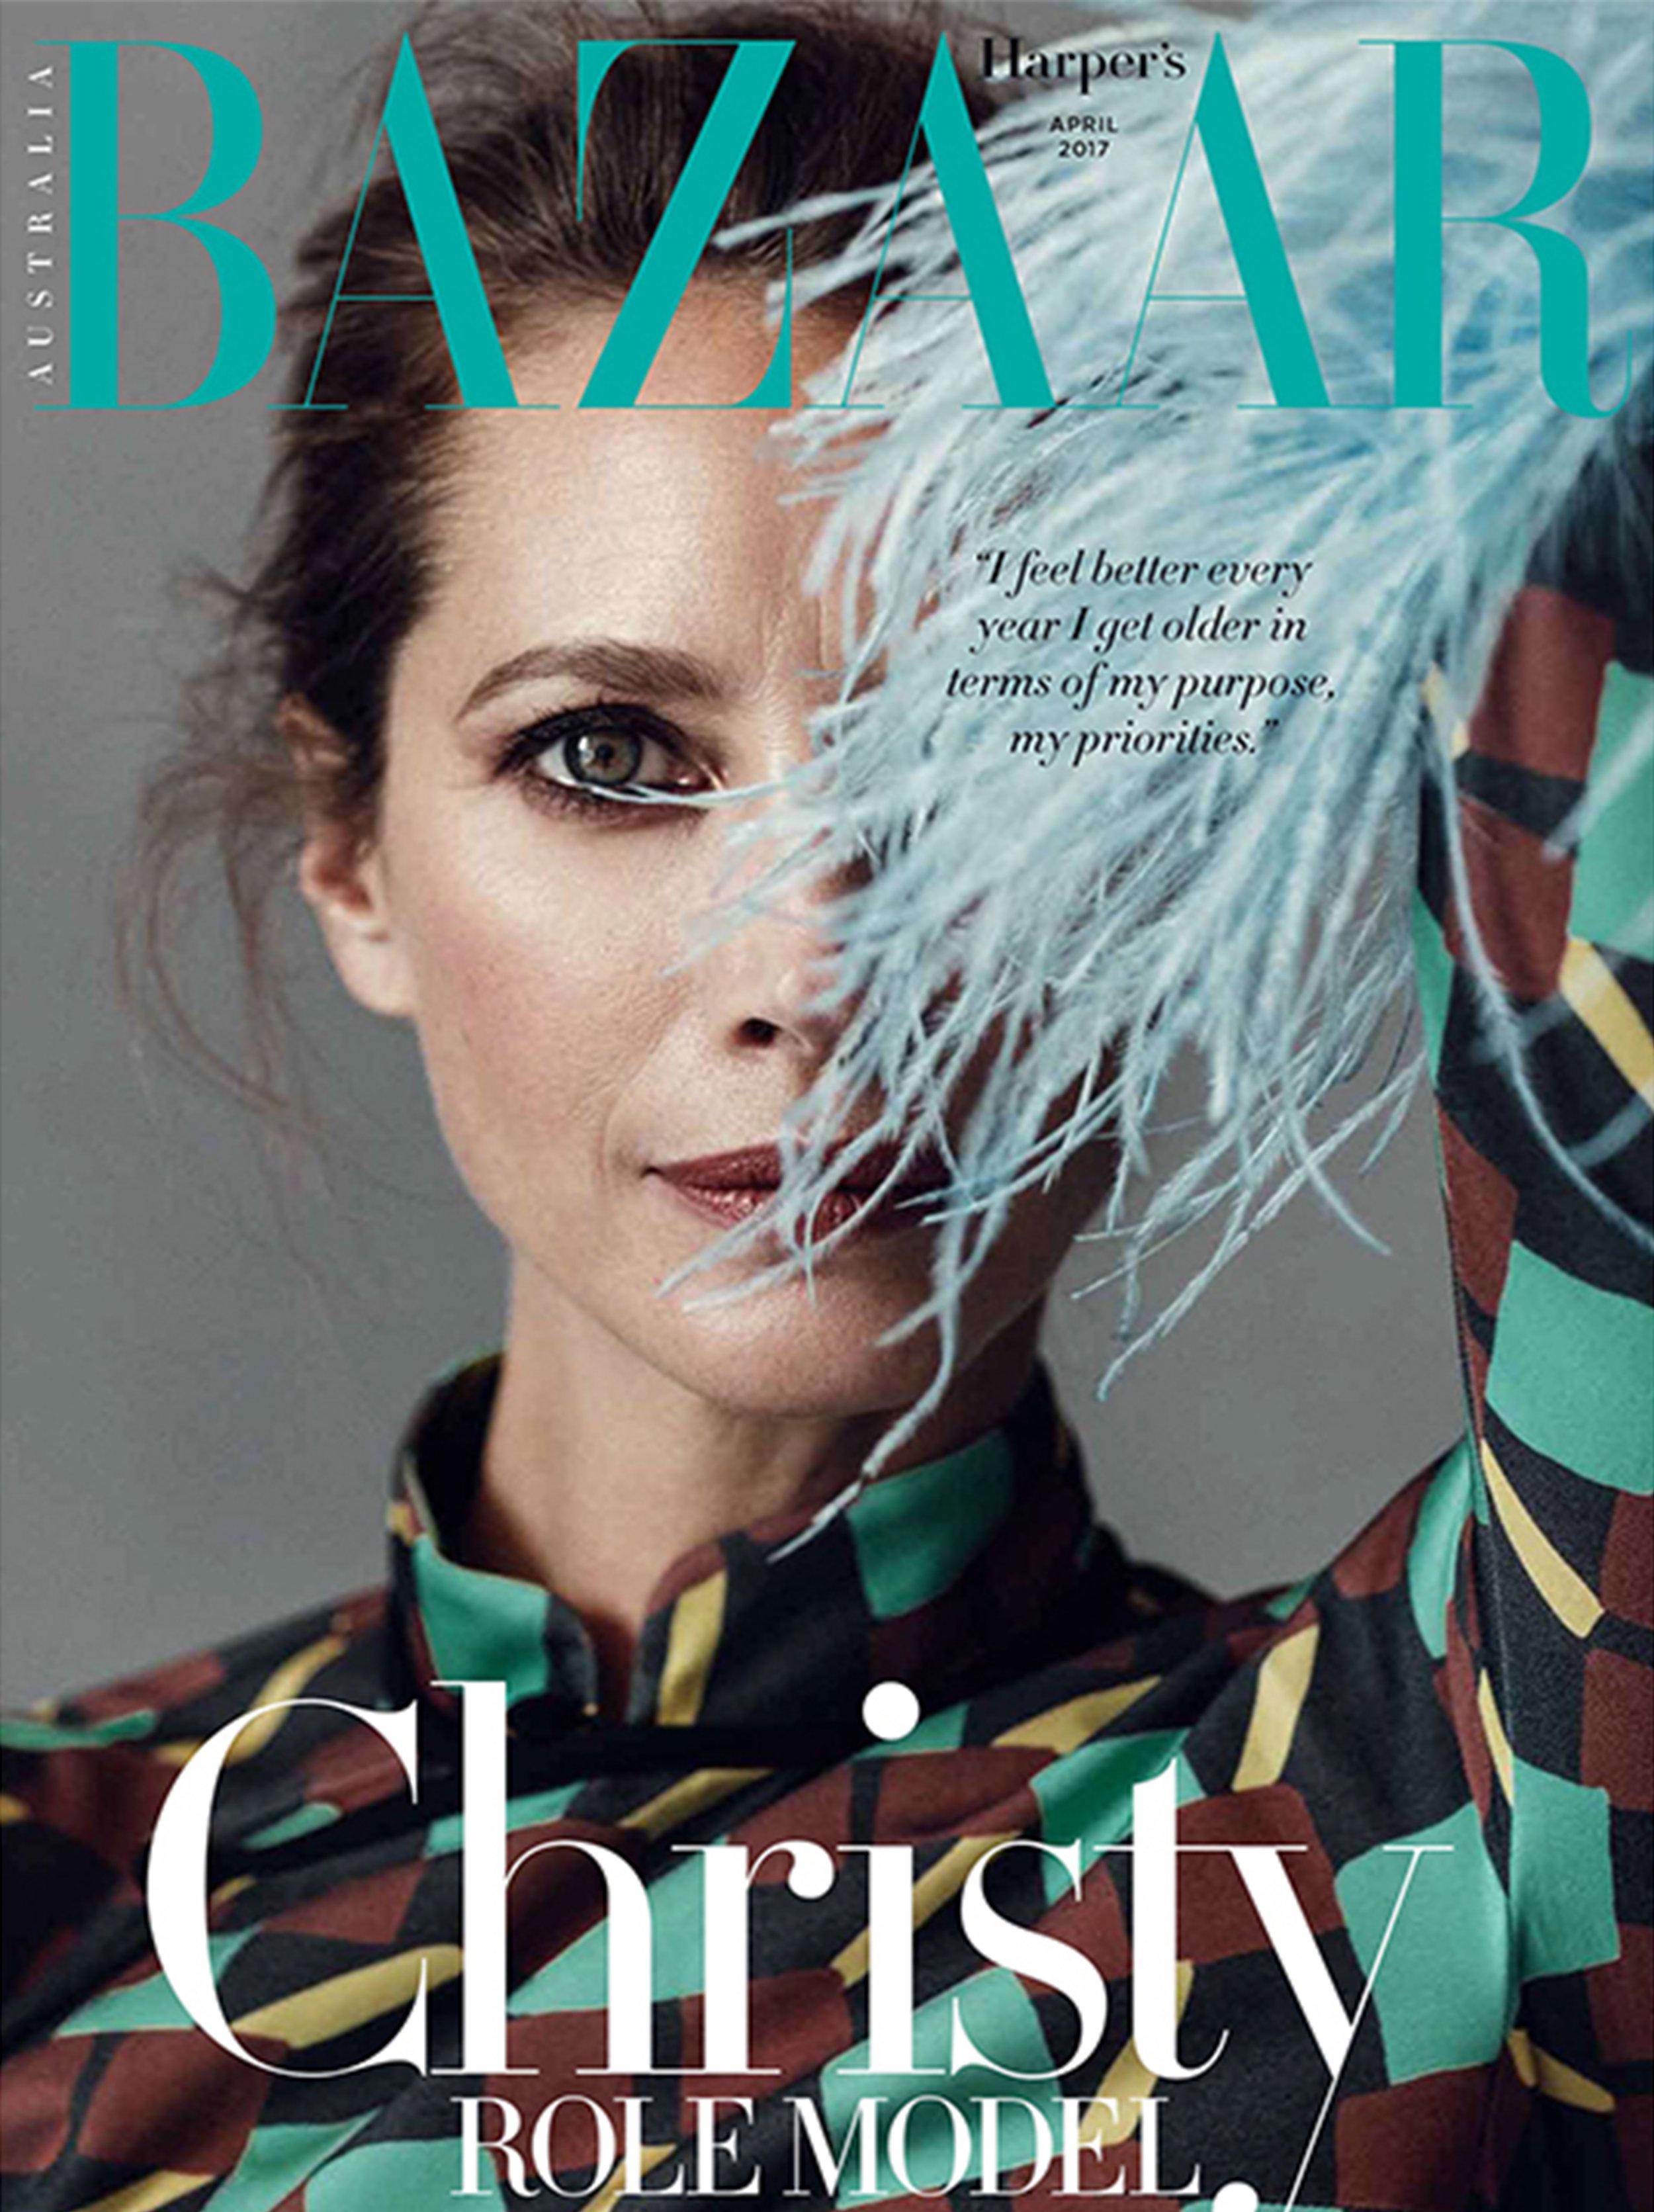 Harper's Bazaar - April 2017